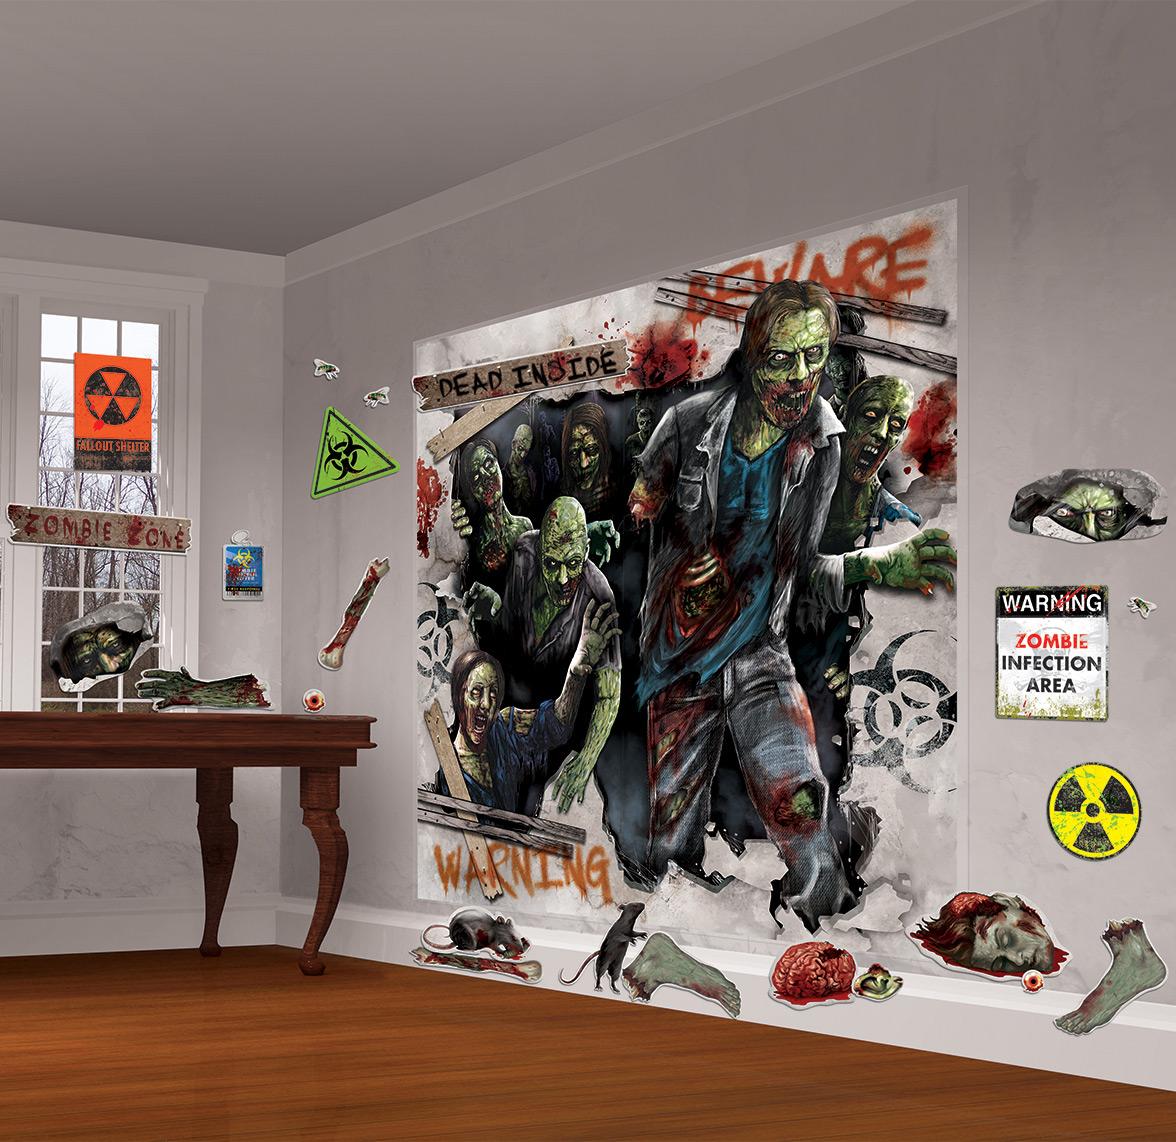 Confezione per decorazione murale zombie di halloween - Decorazione murale ...